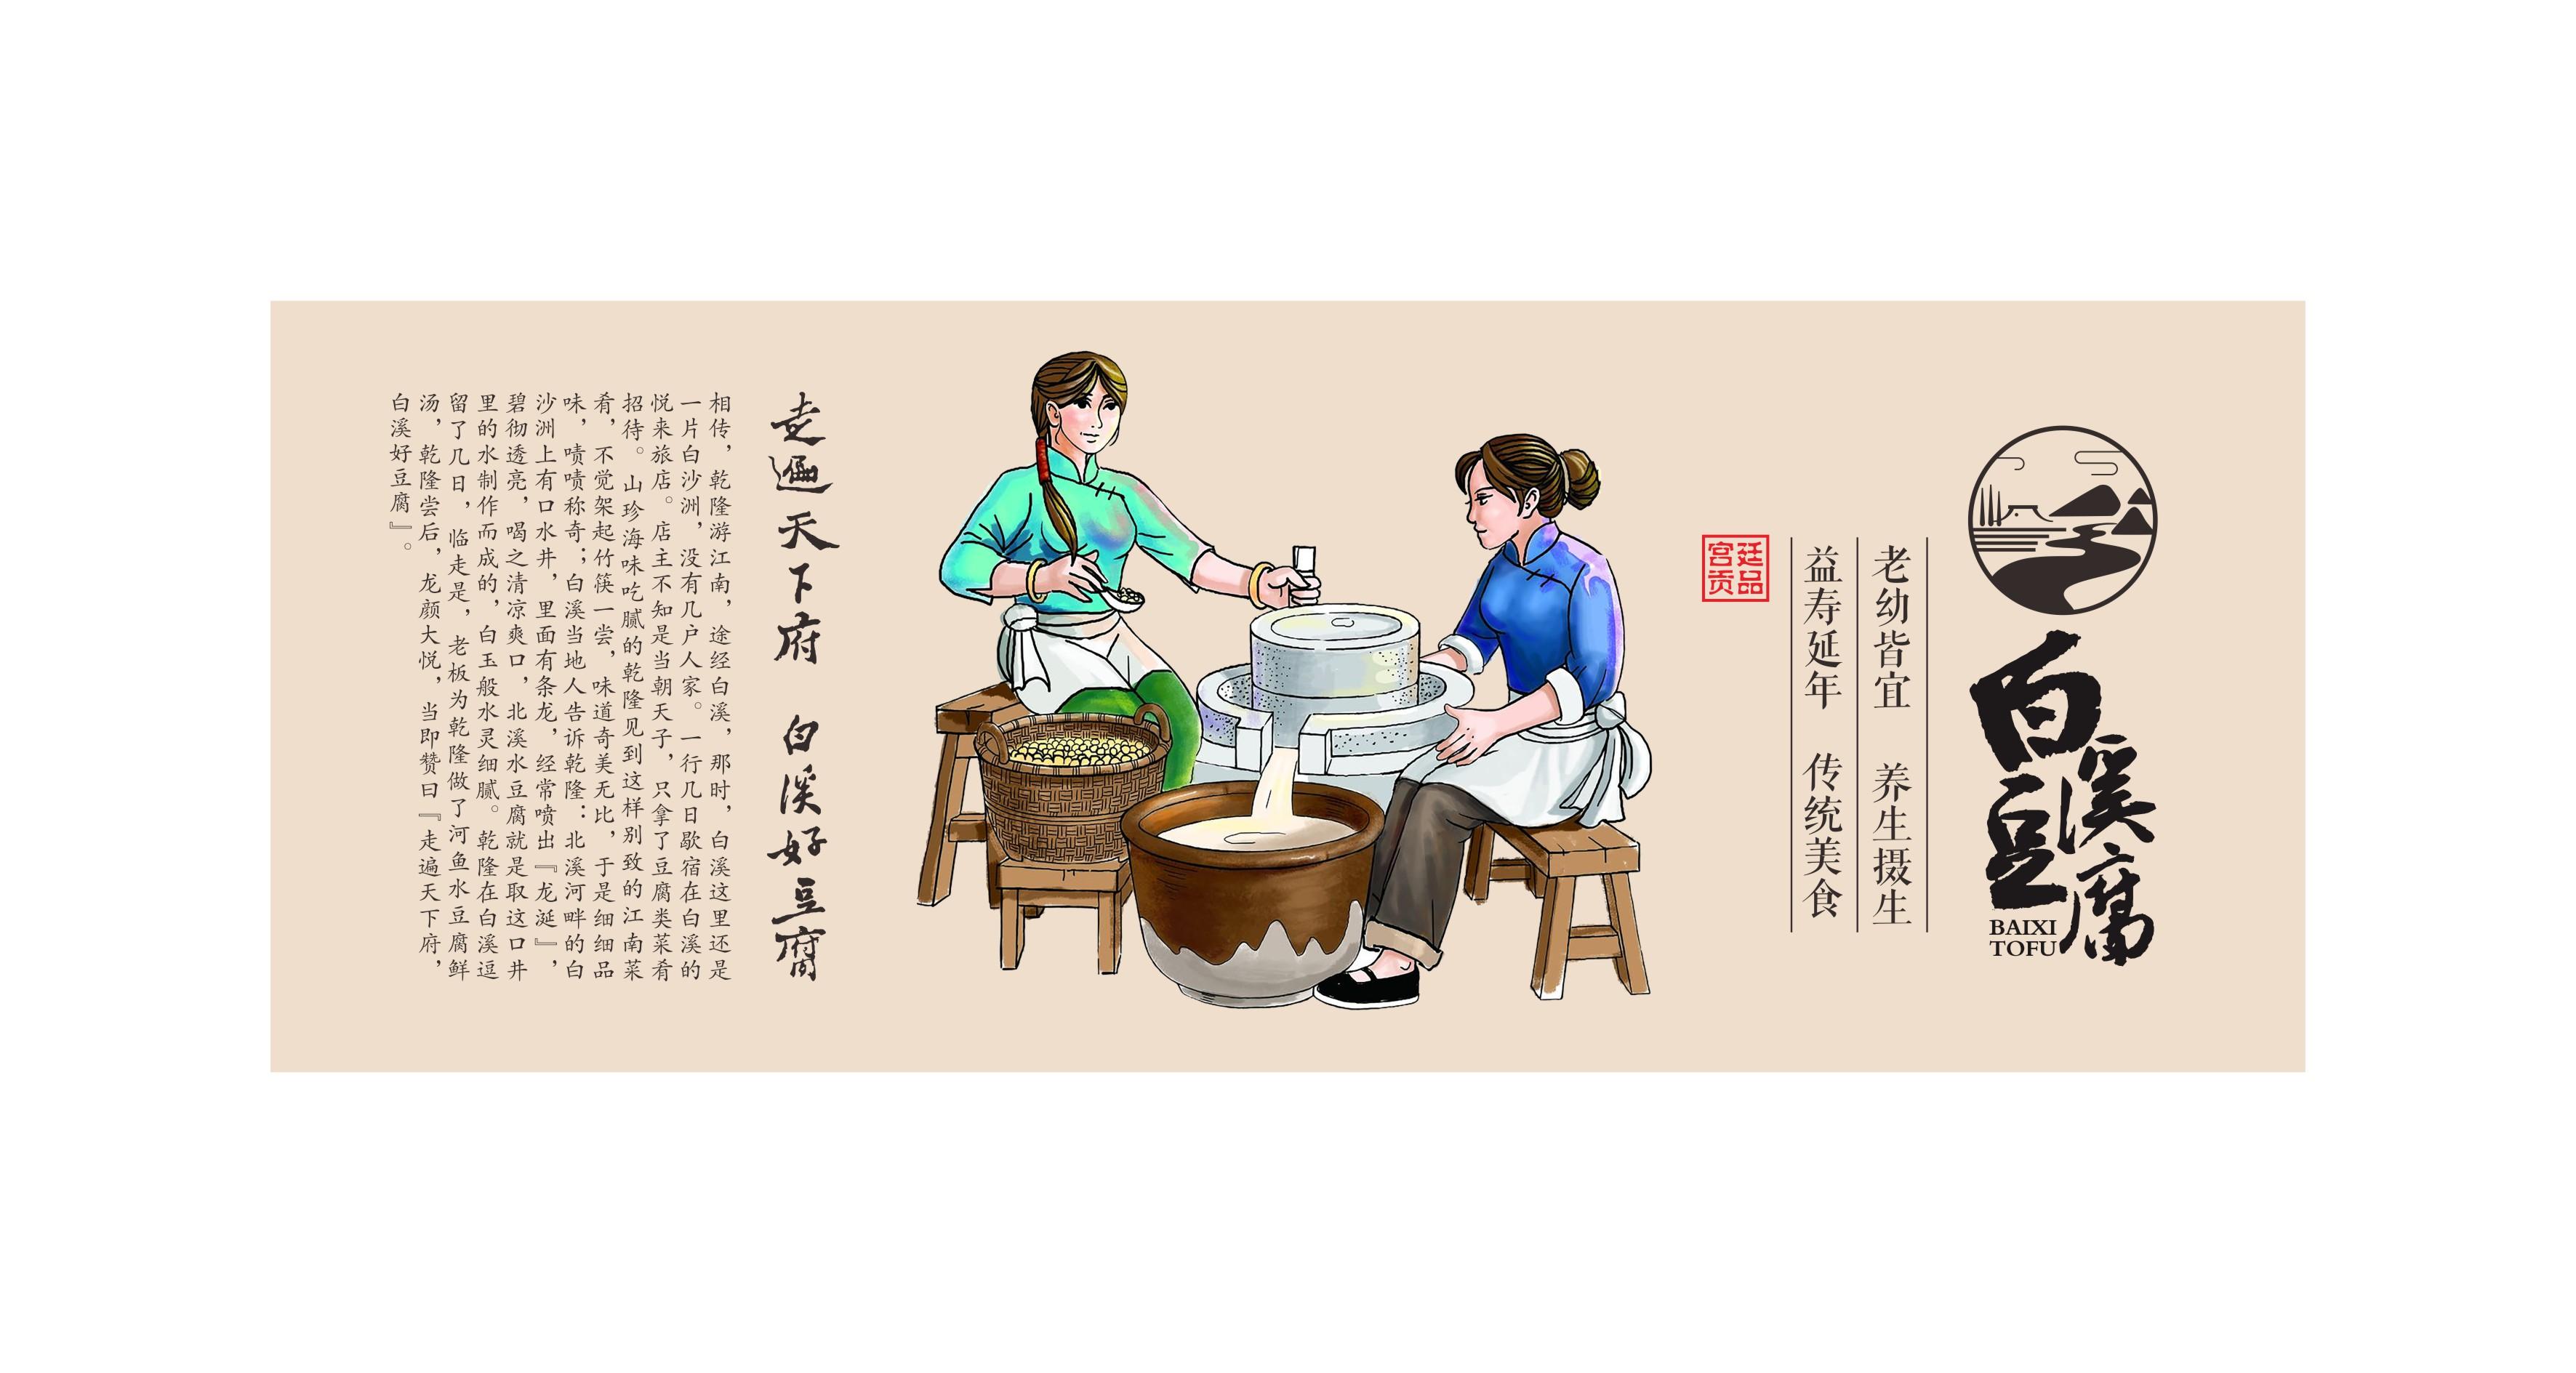 白溪豆腐_0010.JPG